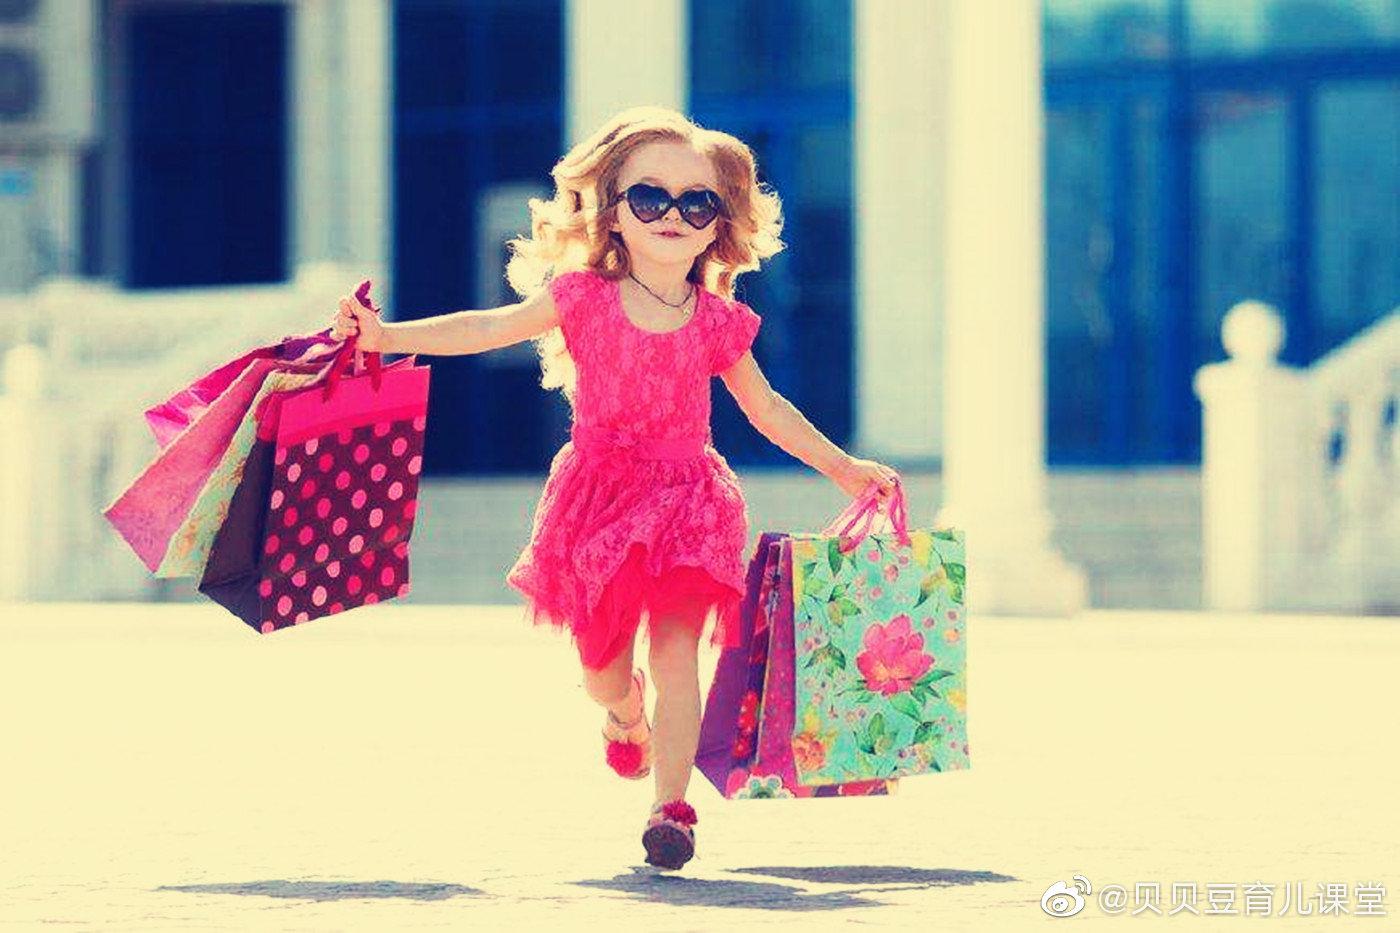 记得我很小的时候,妈妈偶尔还会给我买一件新衣服,但慢慢长大后